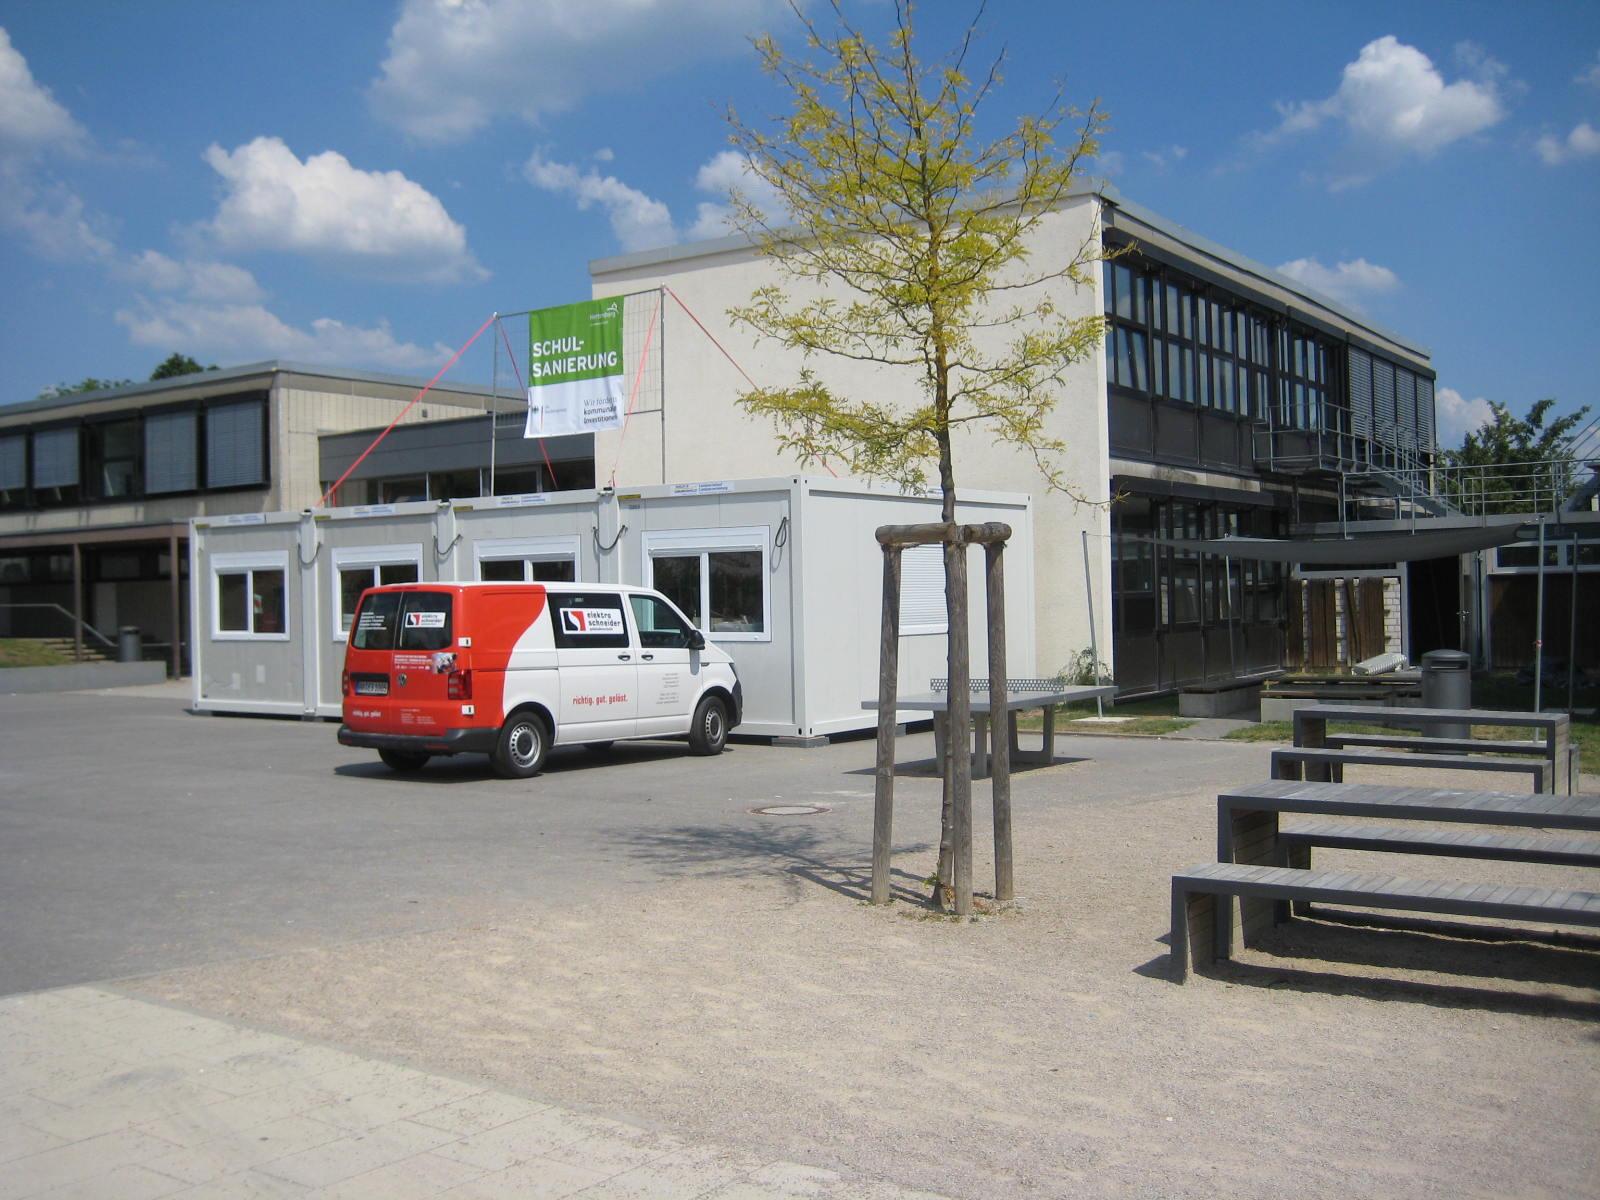 Sanierung Vogt-Heß-Gemeinschaftsschule